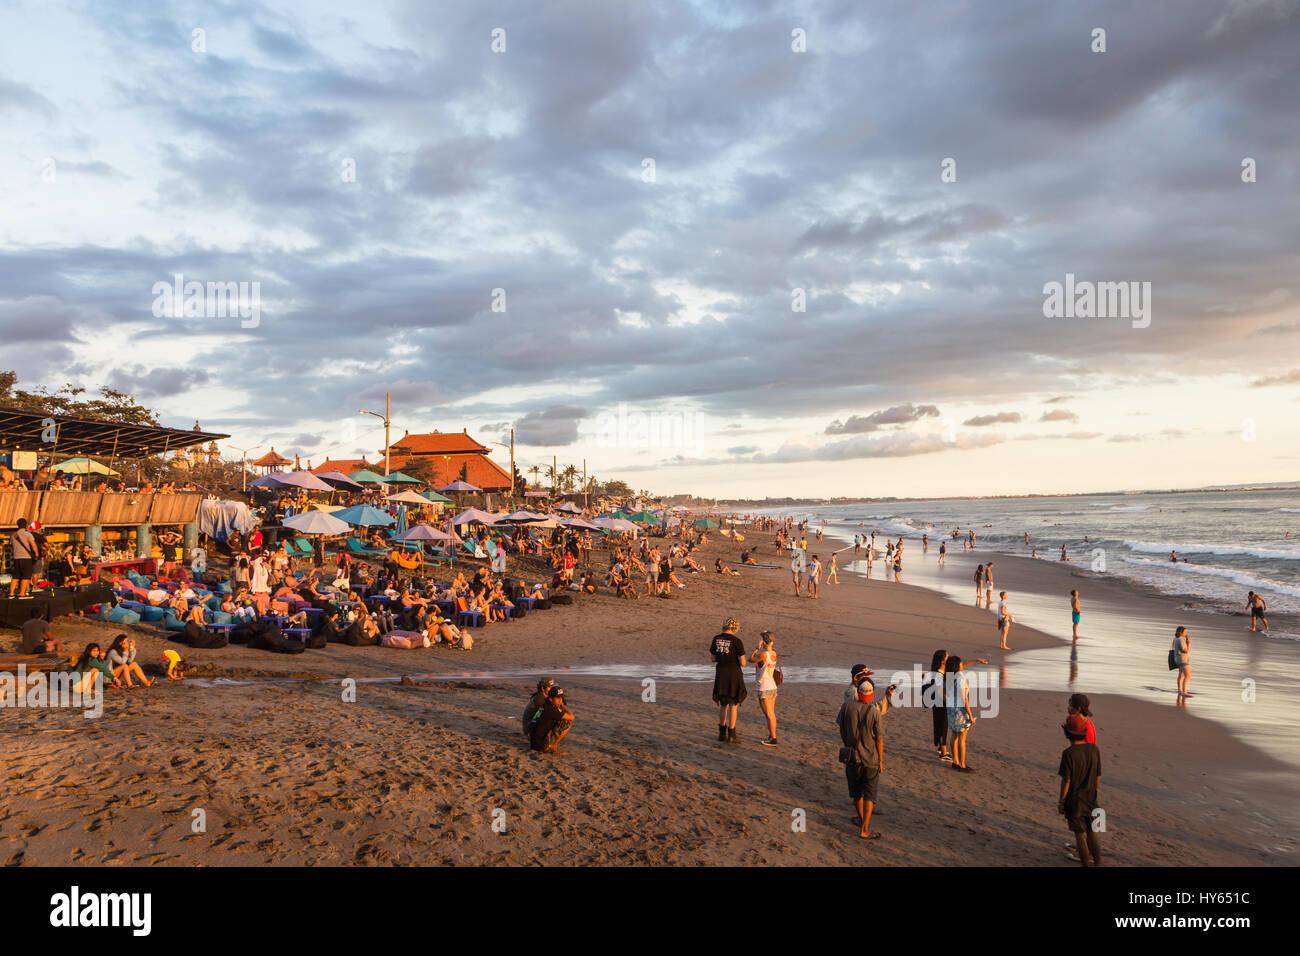 BALI, Indonesia - 18 febbraio 2017: una folla di turisti e backpackers Godetevi il tramonto in un bar sulla spiaggia Foto Stock